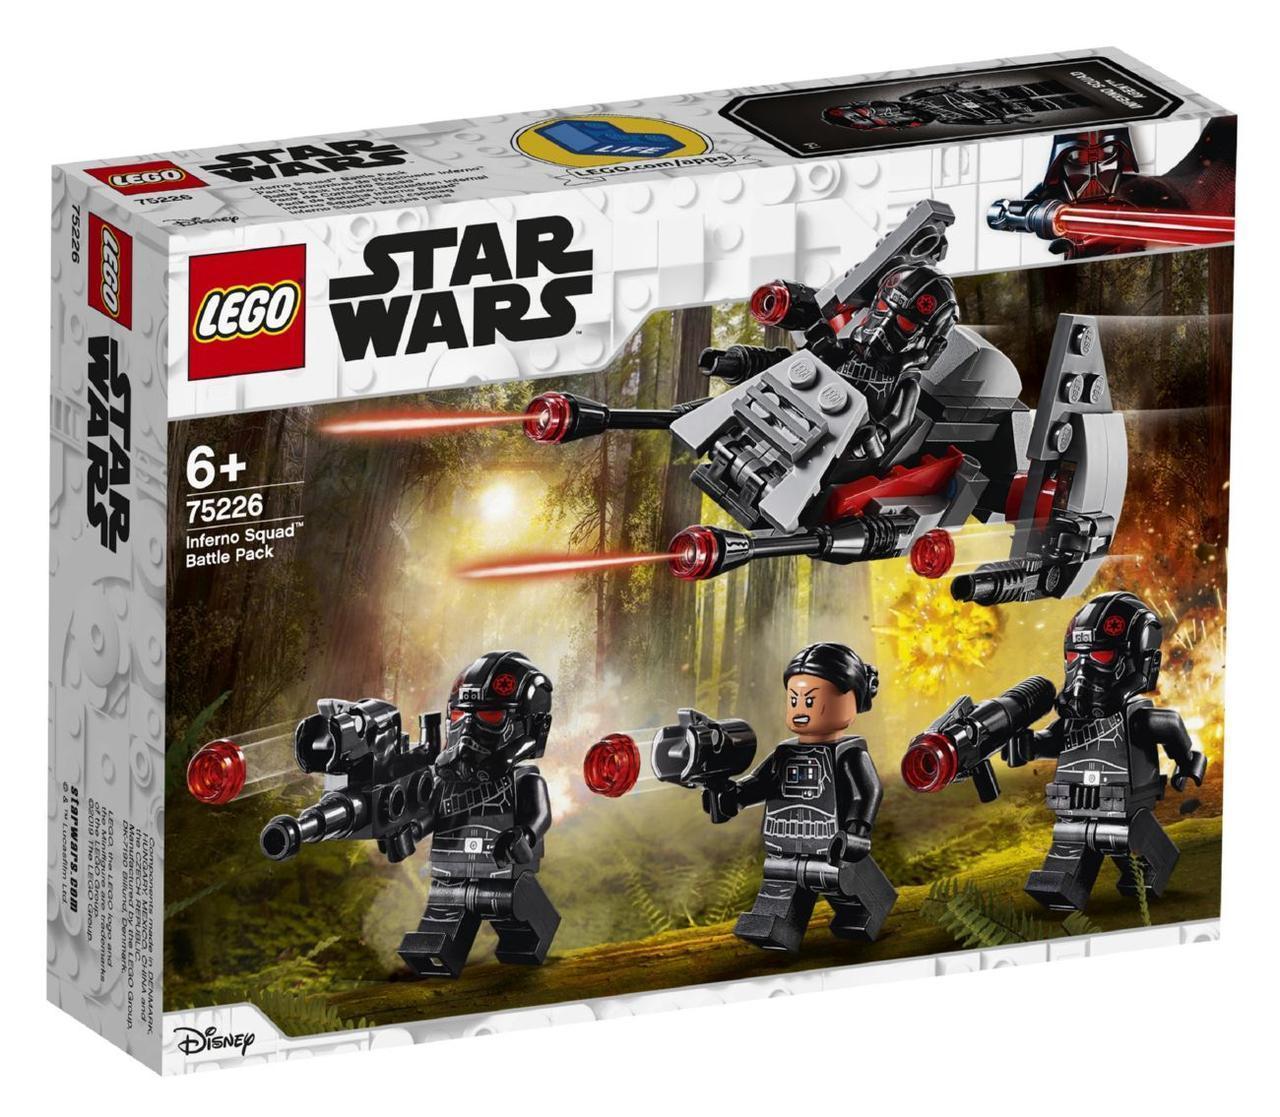 Lego Star Wars Боевой набор отряда «Инферно» 75226